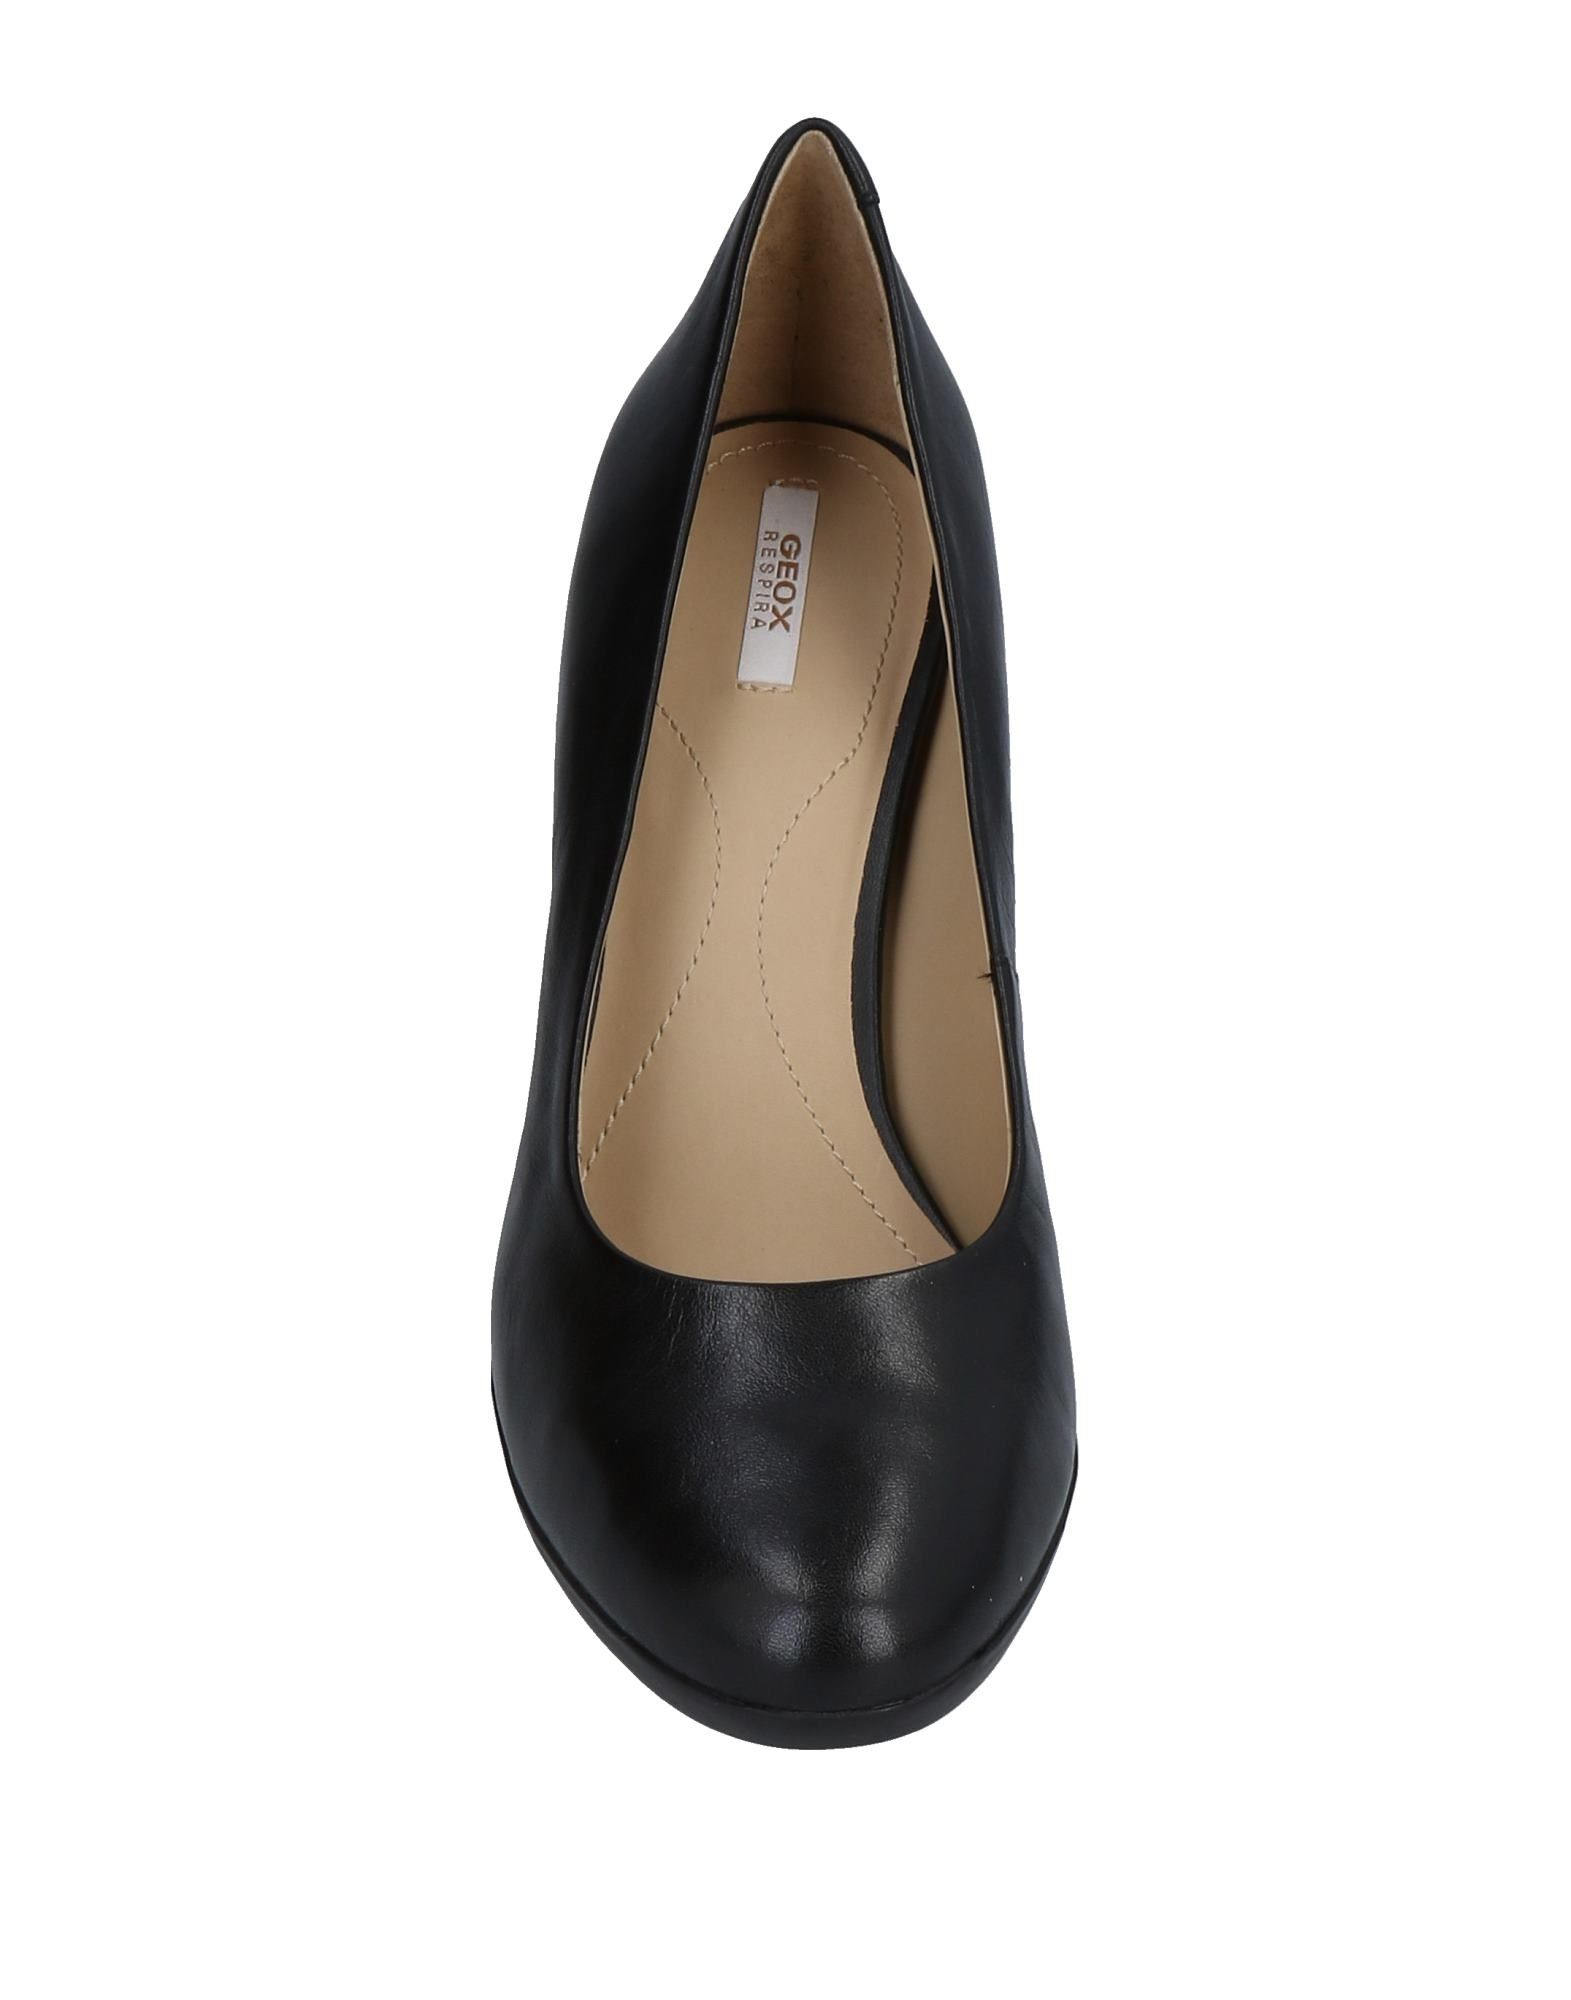 Geox Pumps Damen Qualität  11496933KU Gute Qualität Damen beliebte Schuhe 2ff529